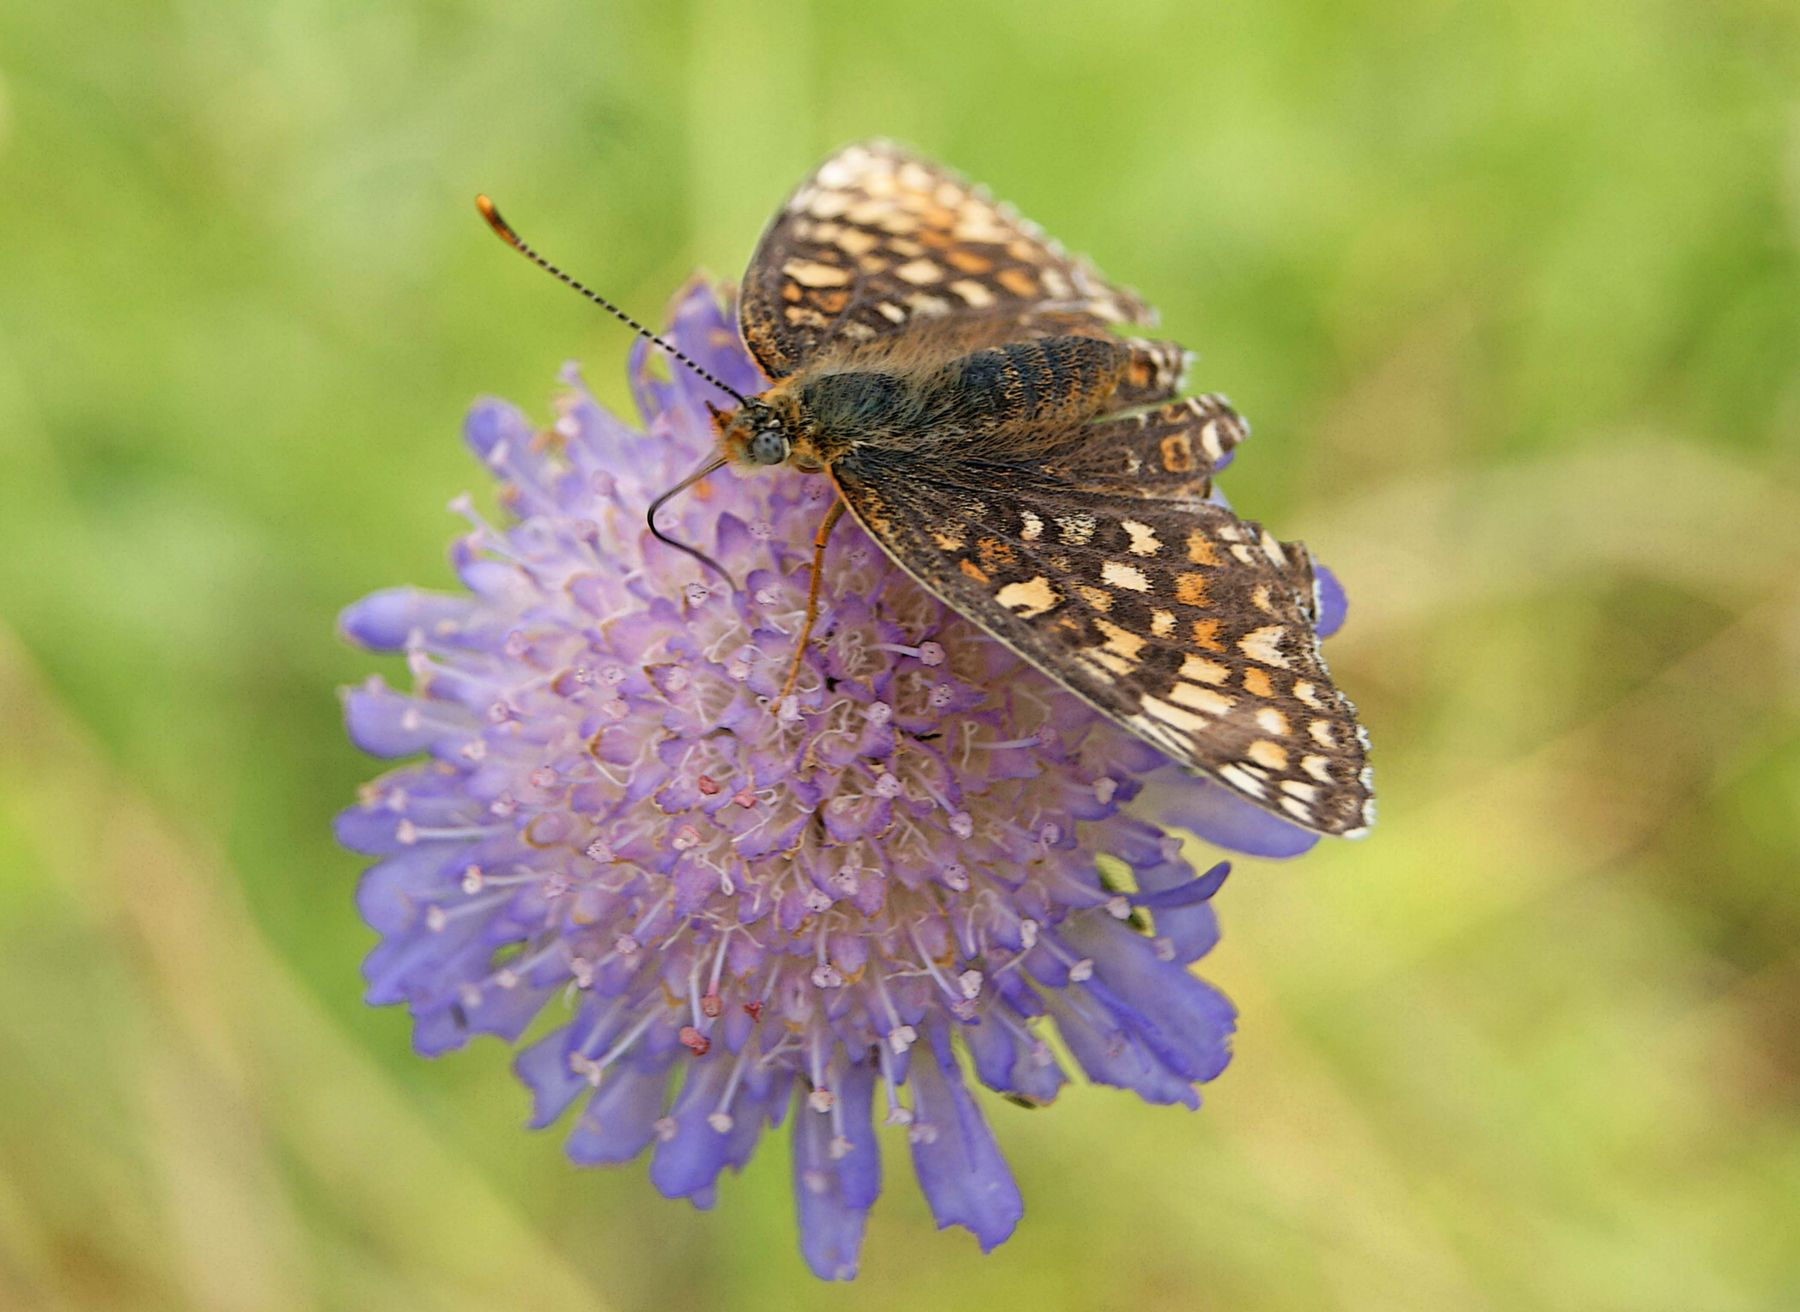 В поисках нектара лето июнь цветок короставник полевой бабочка шашечница